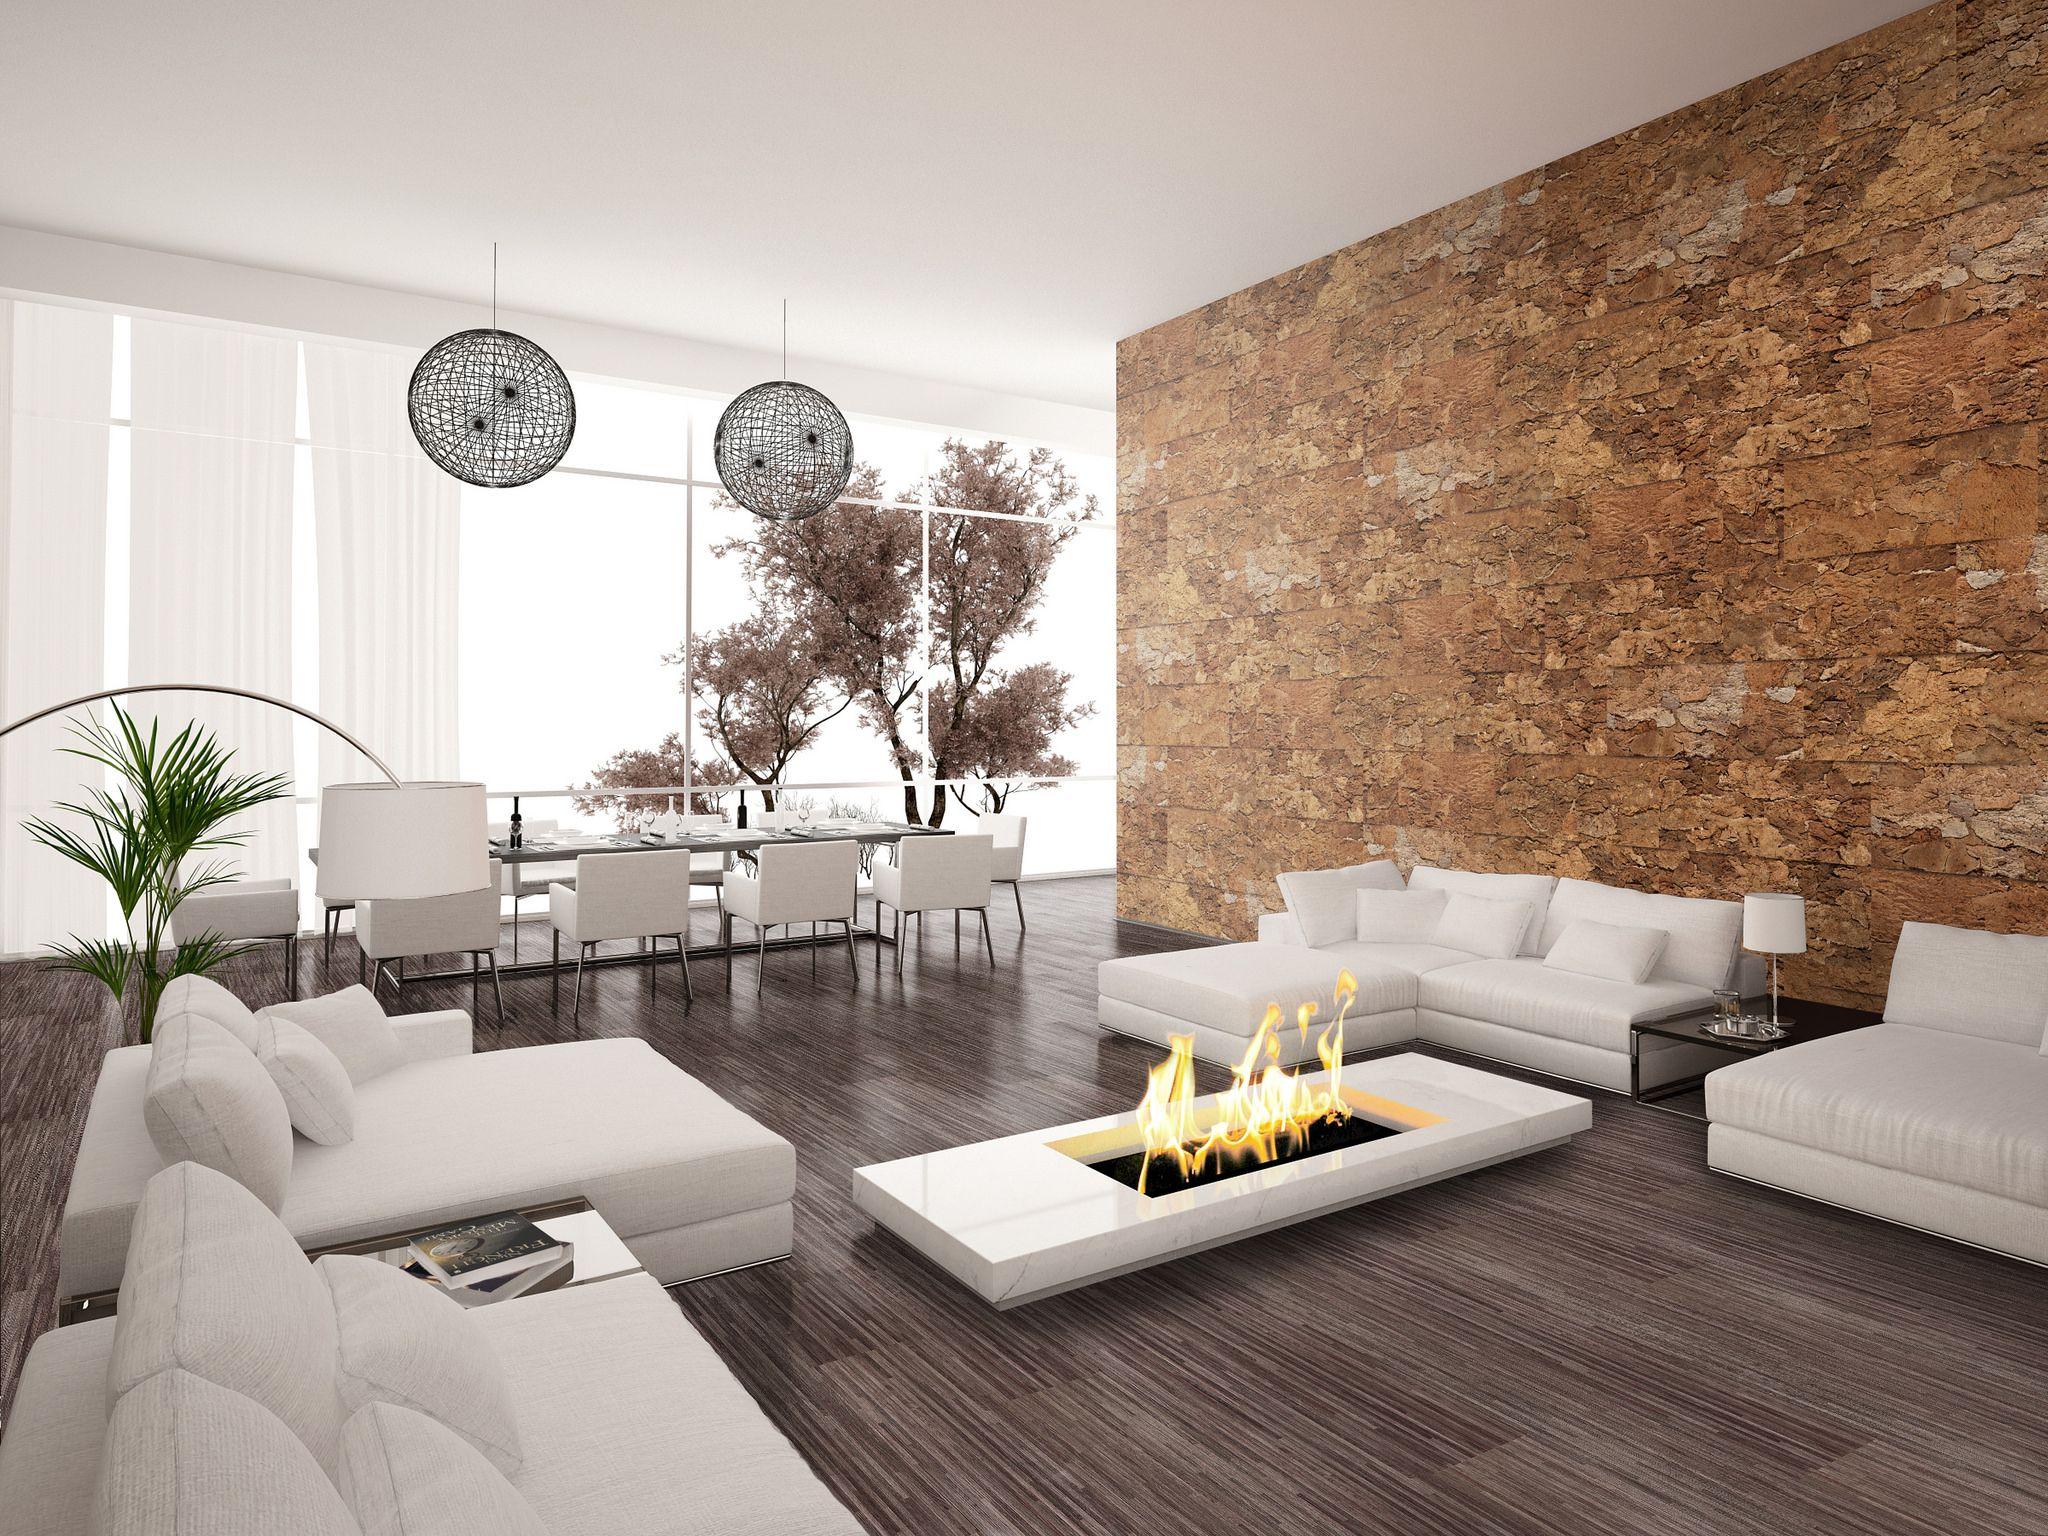 De Santana Maximo Wandtegels Zijn Geschikt Voor Meerdere Interieurstijlen Kurk Wand Wandbekleding Muur Huis Interieur Interieur Slaapkamer Kurk Muur